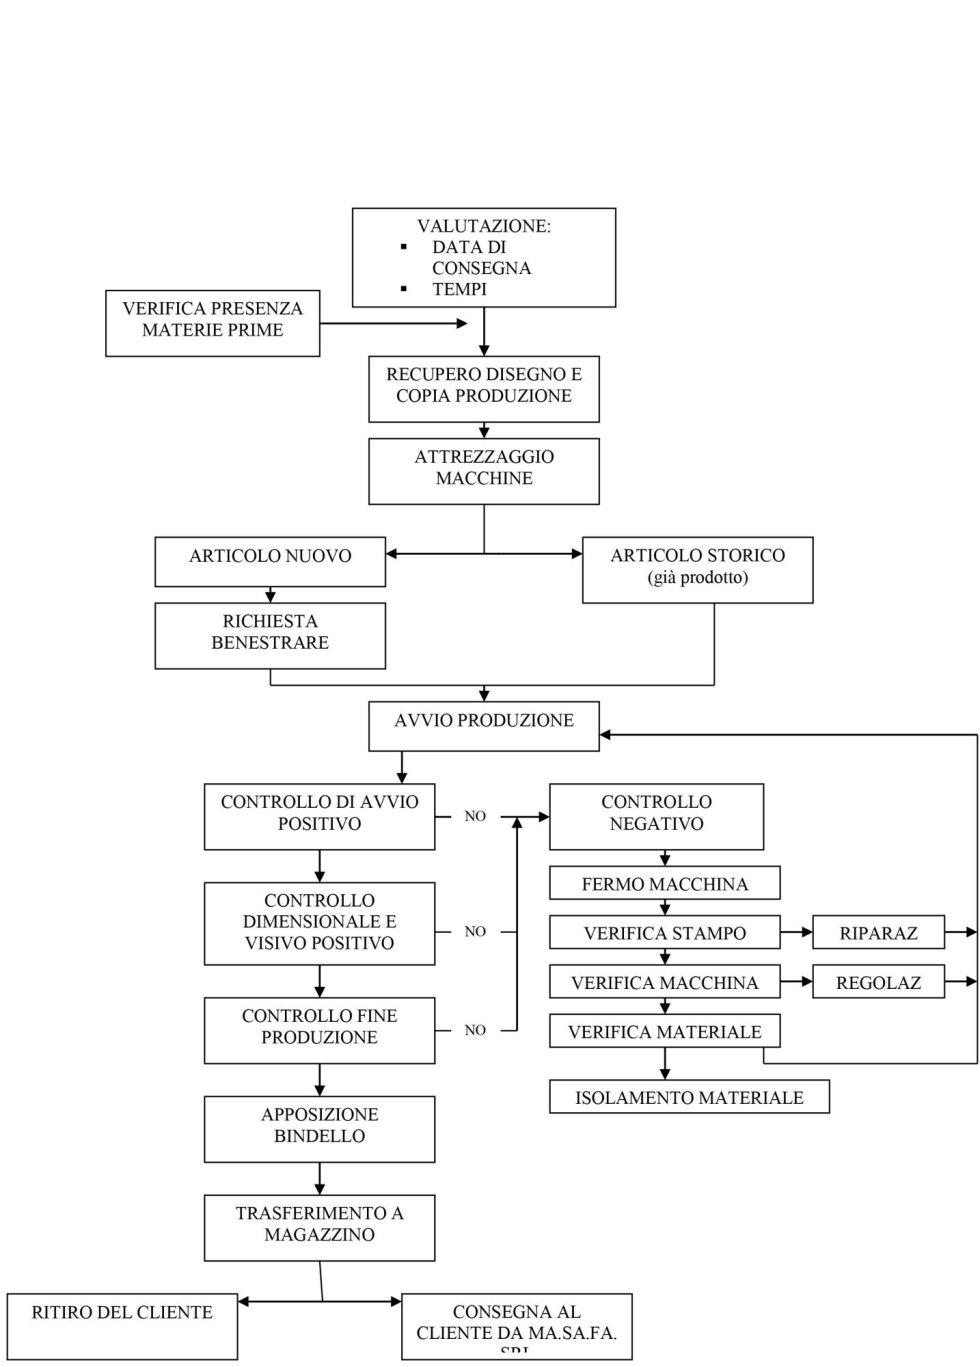 flusso diagramma